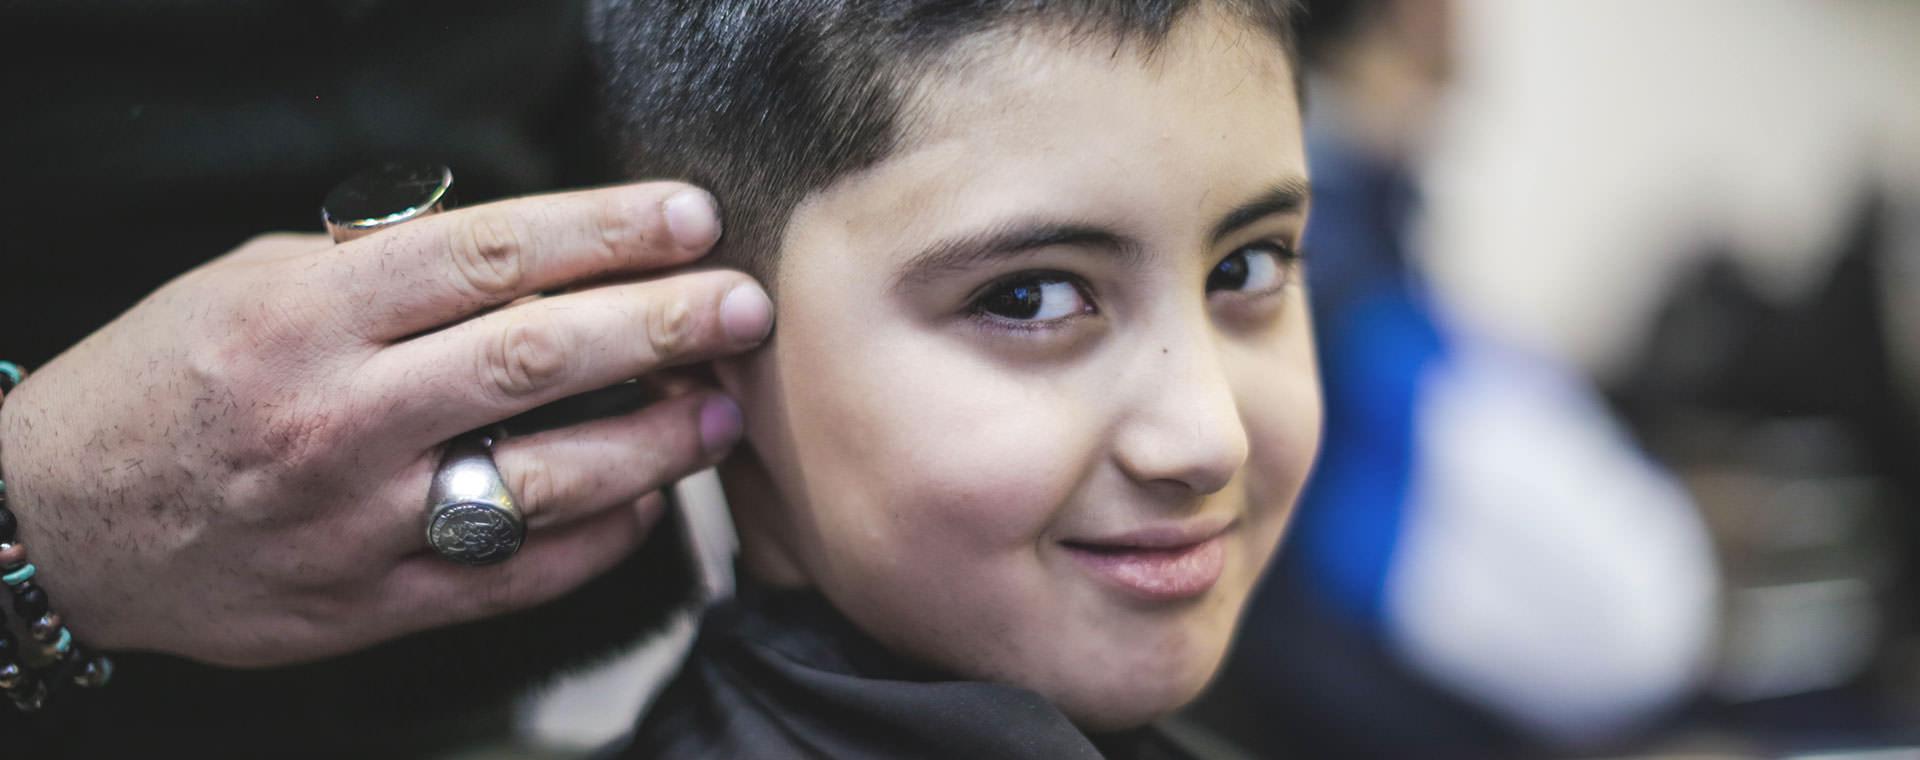 barber enfant